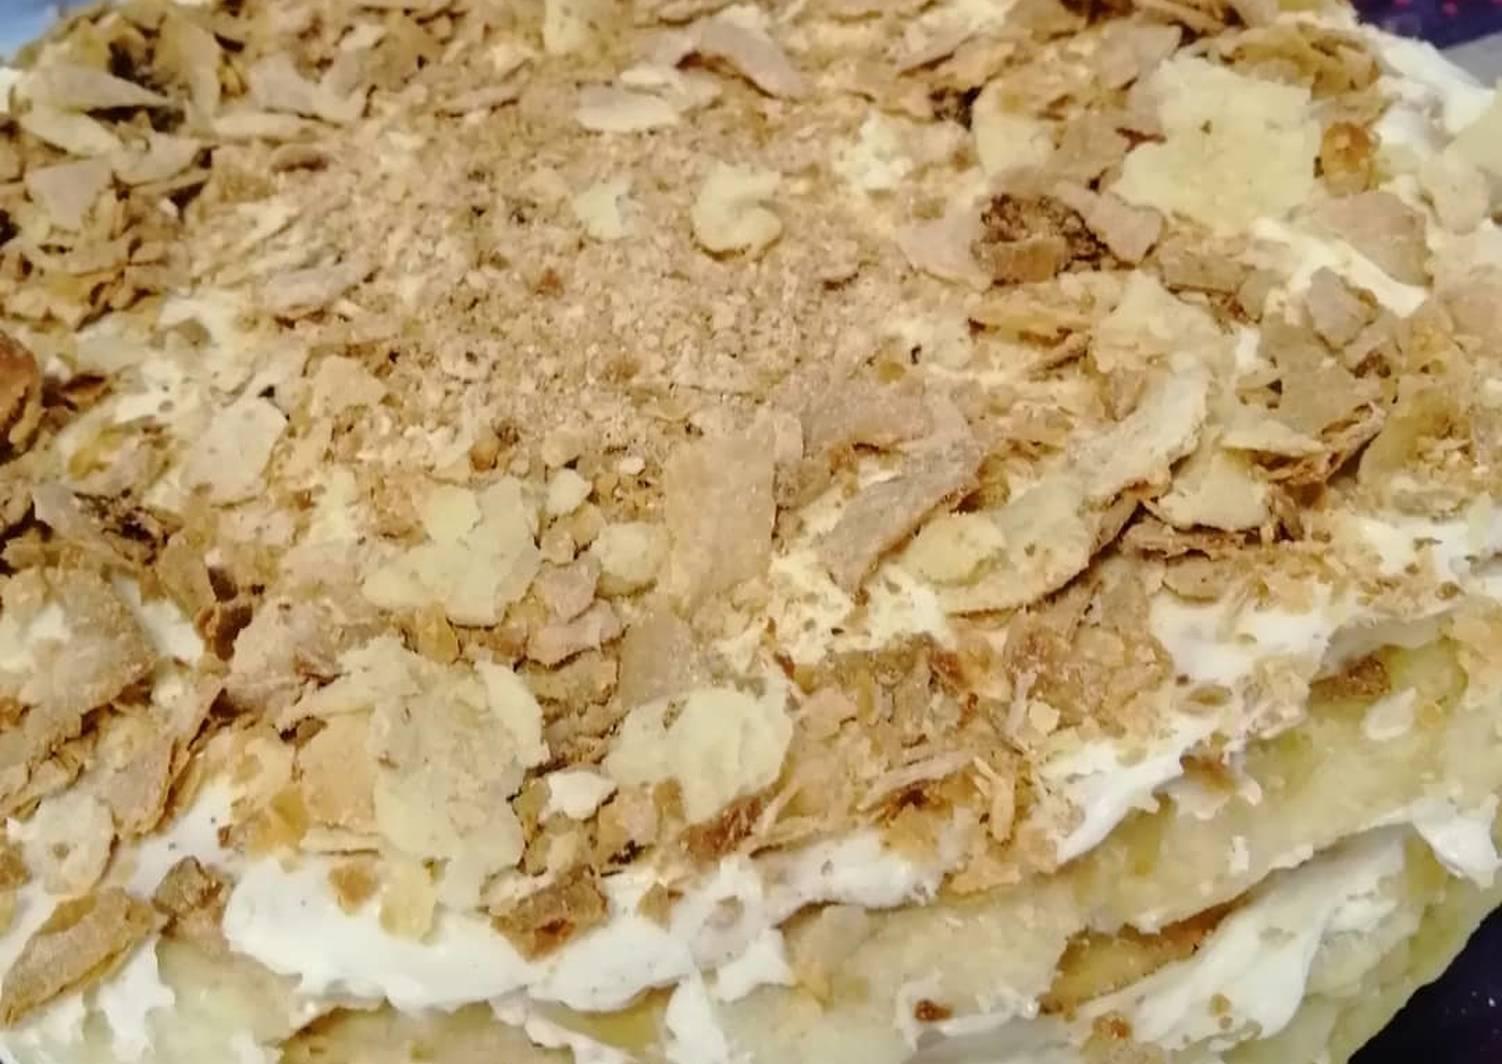 юли торт наполеон без яиц рецепт с фото чипсы начос рецепты